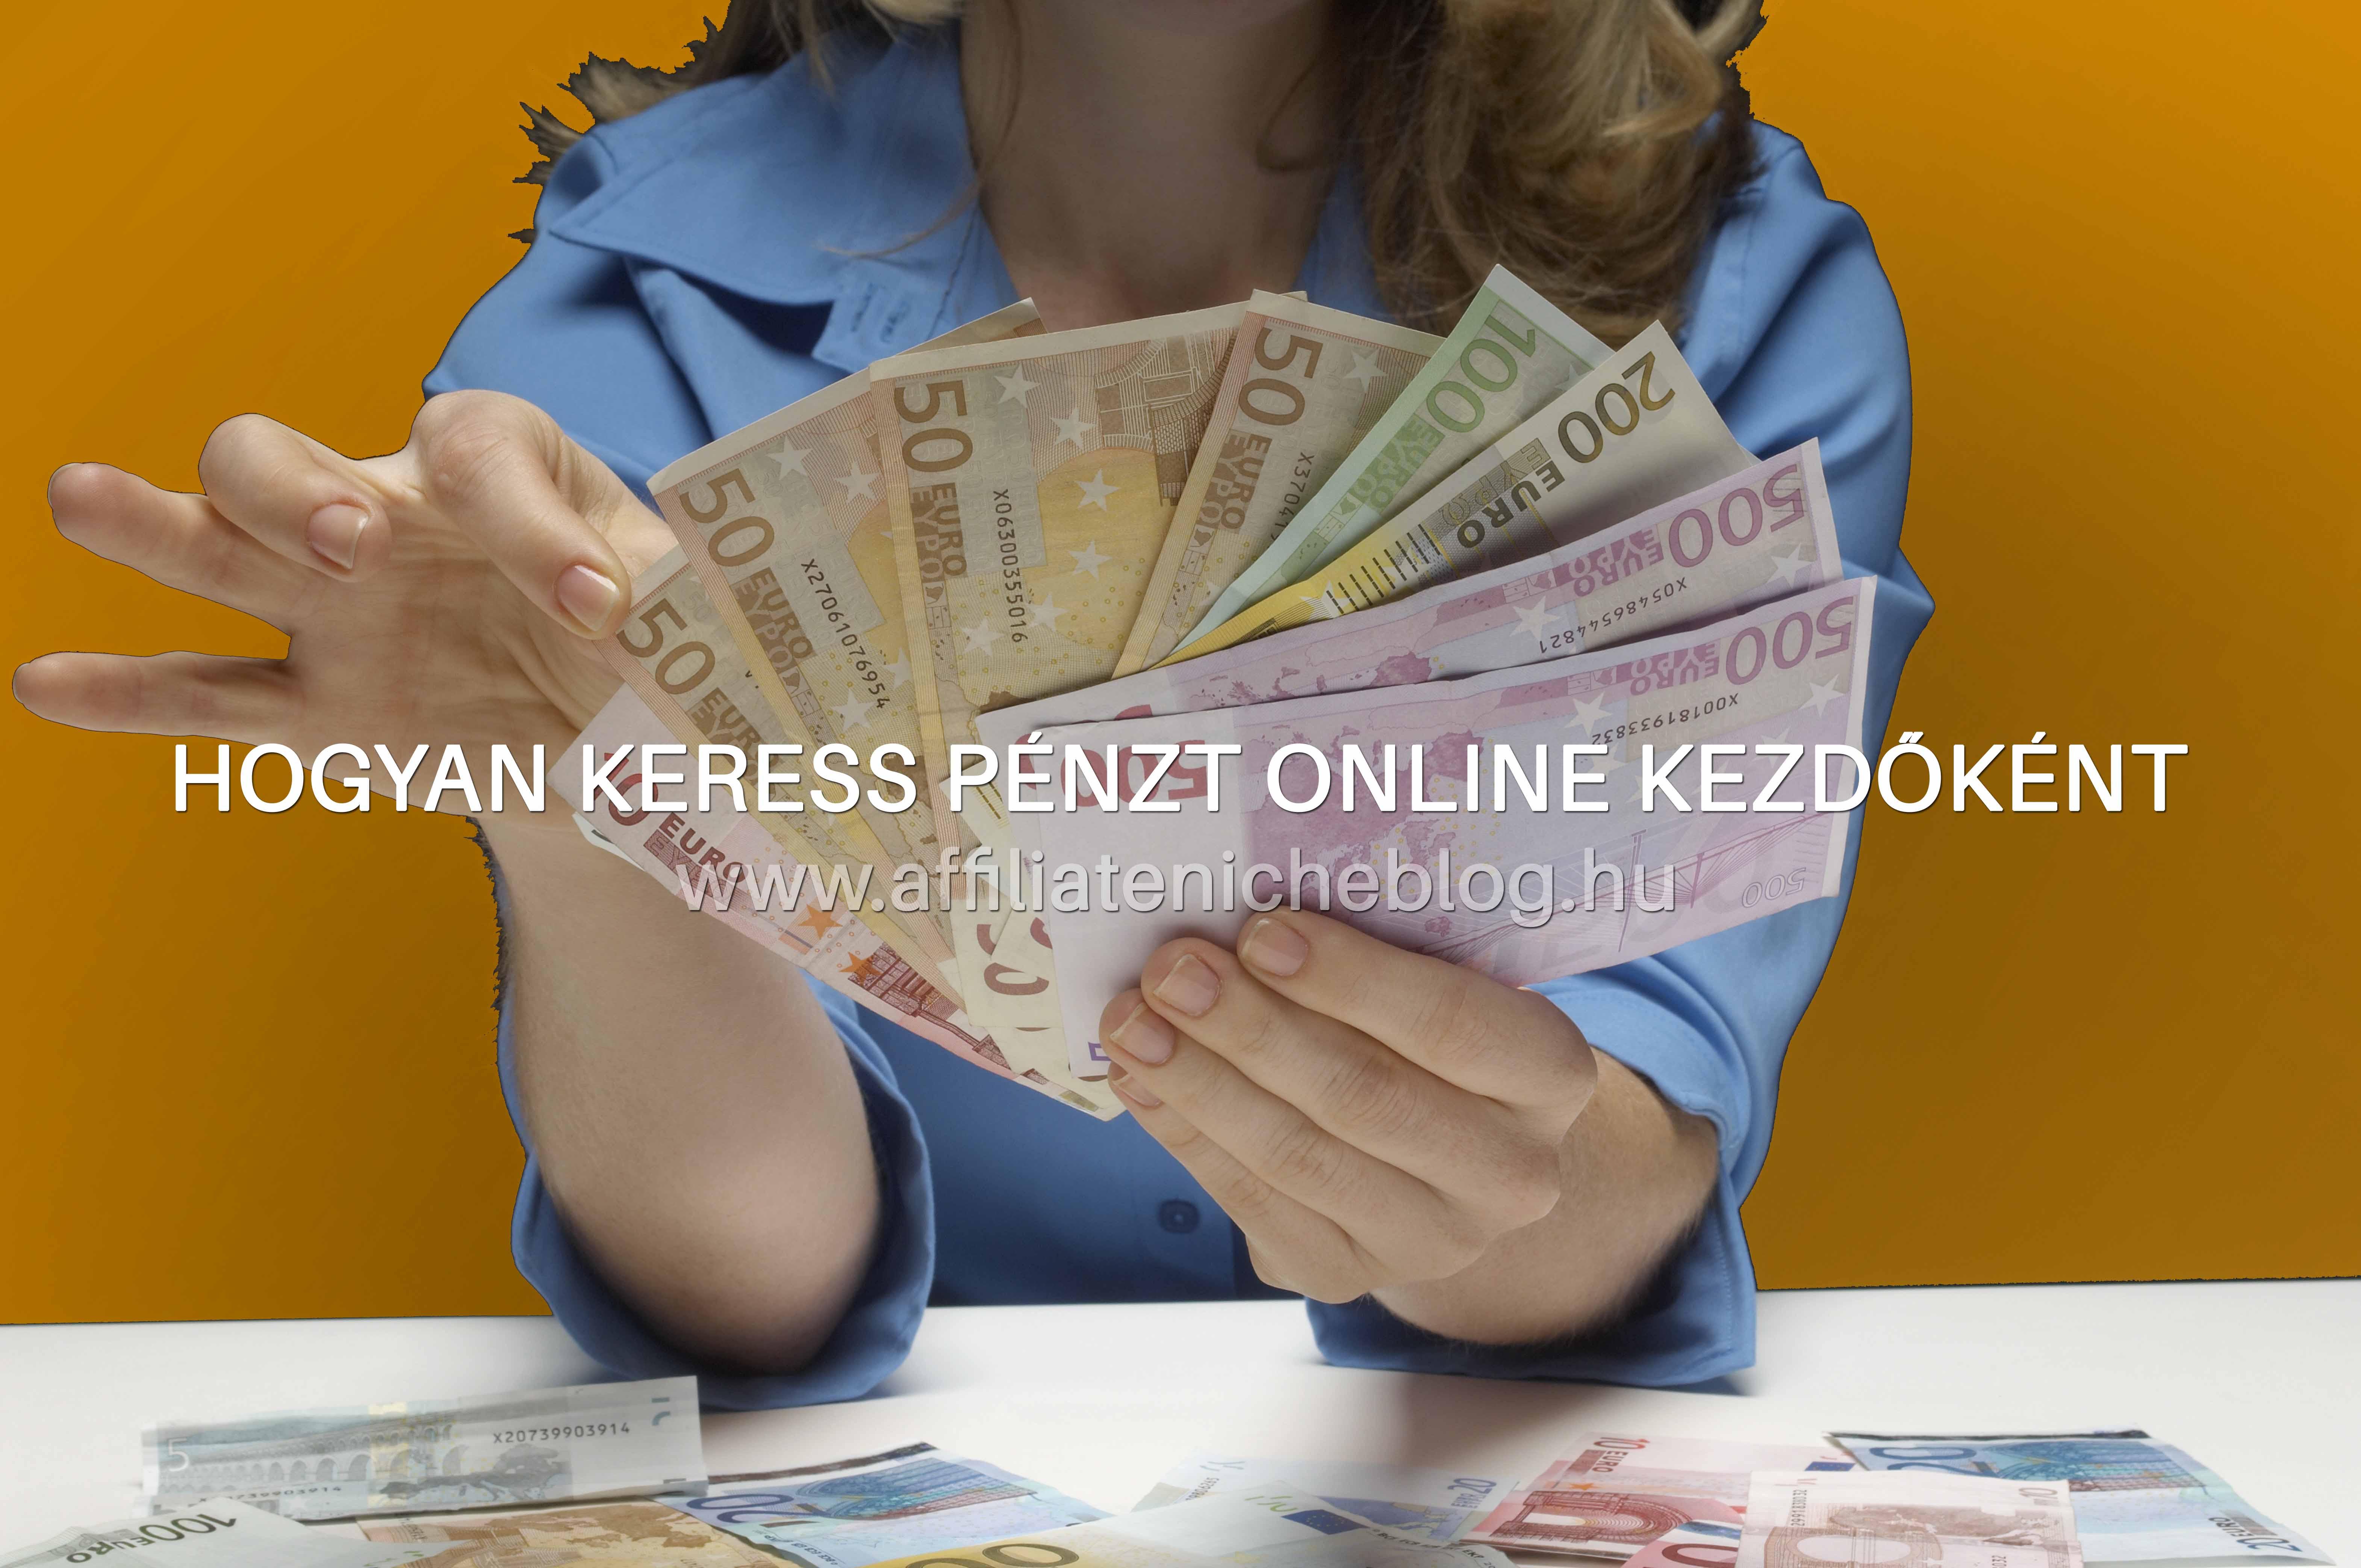 Lehet-e pénzt keresni az interneten?)